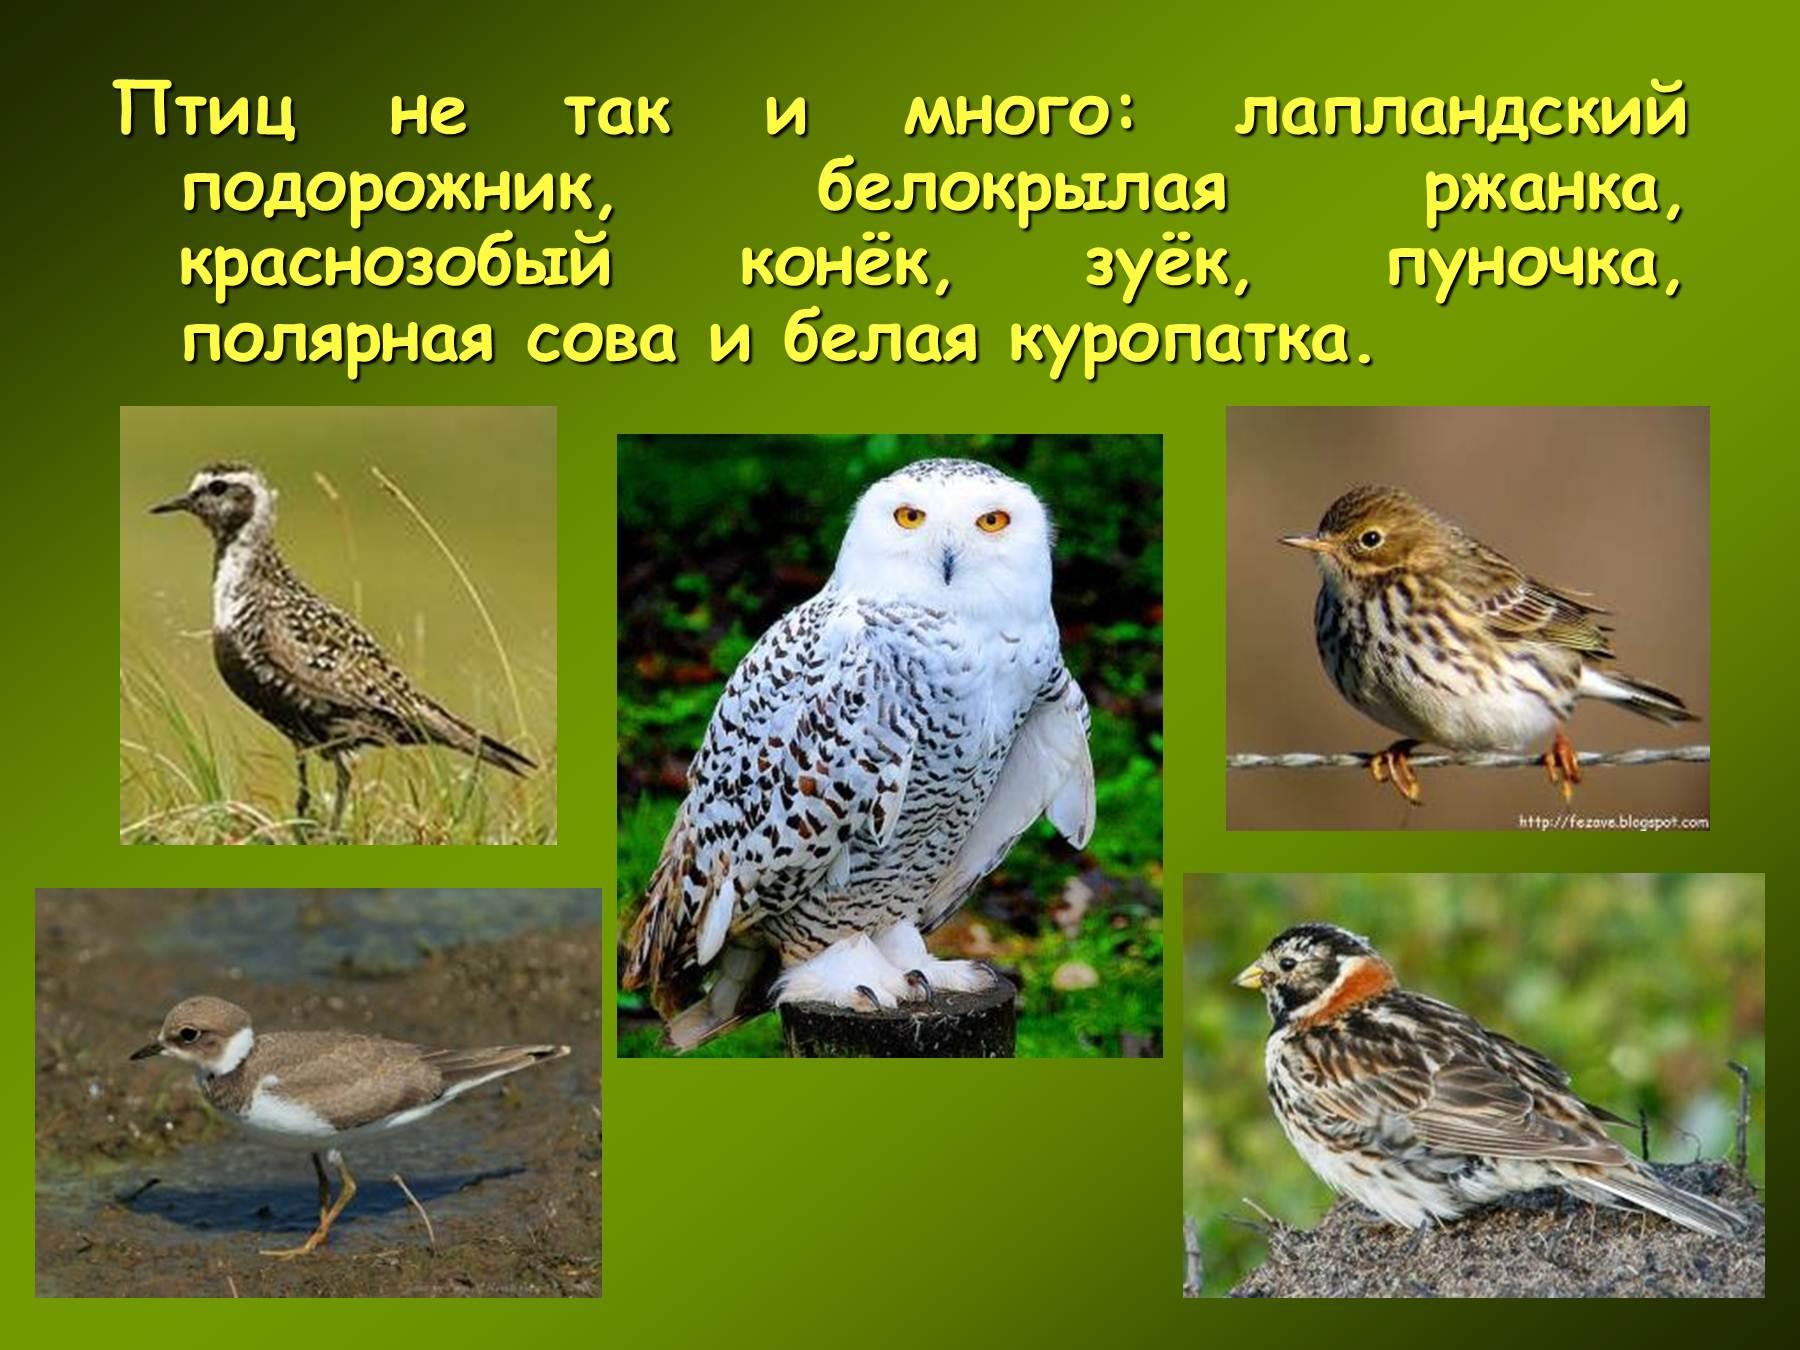 То обстоятельство, что птицы обладают весьма совершенным способом передвижения — полетом, отнюдь не сглаживает различий между фауной отдельных районов.